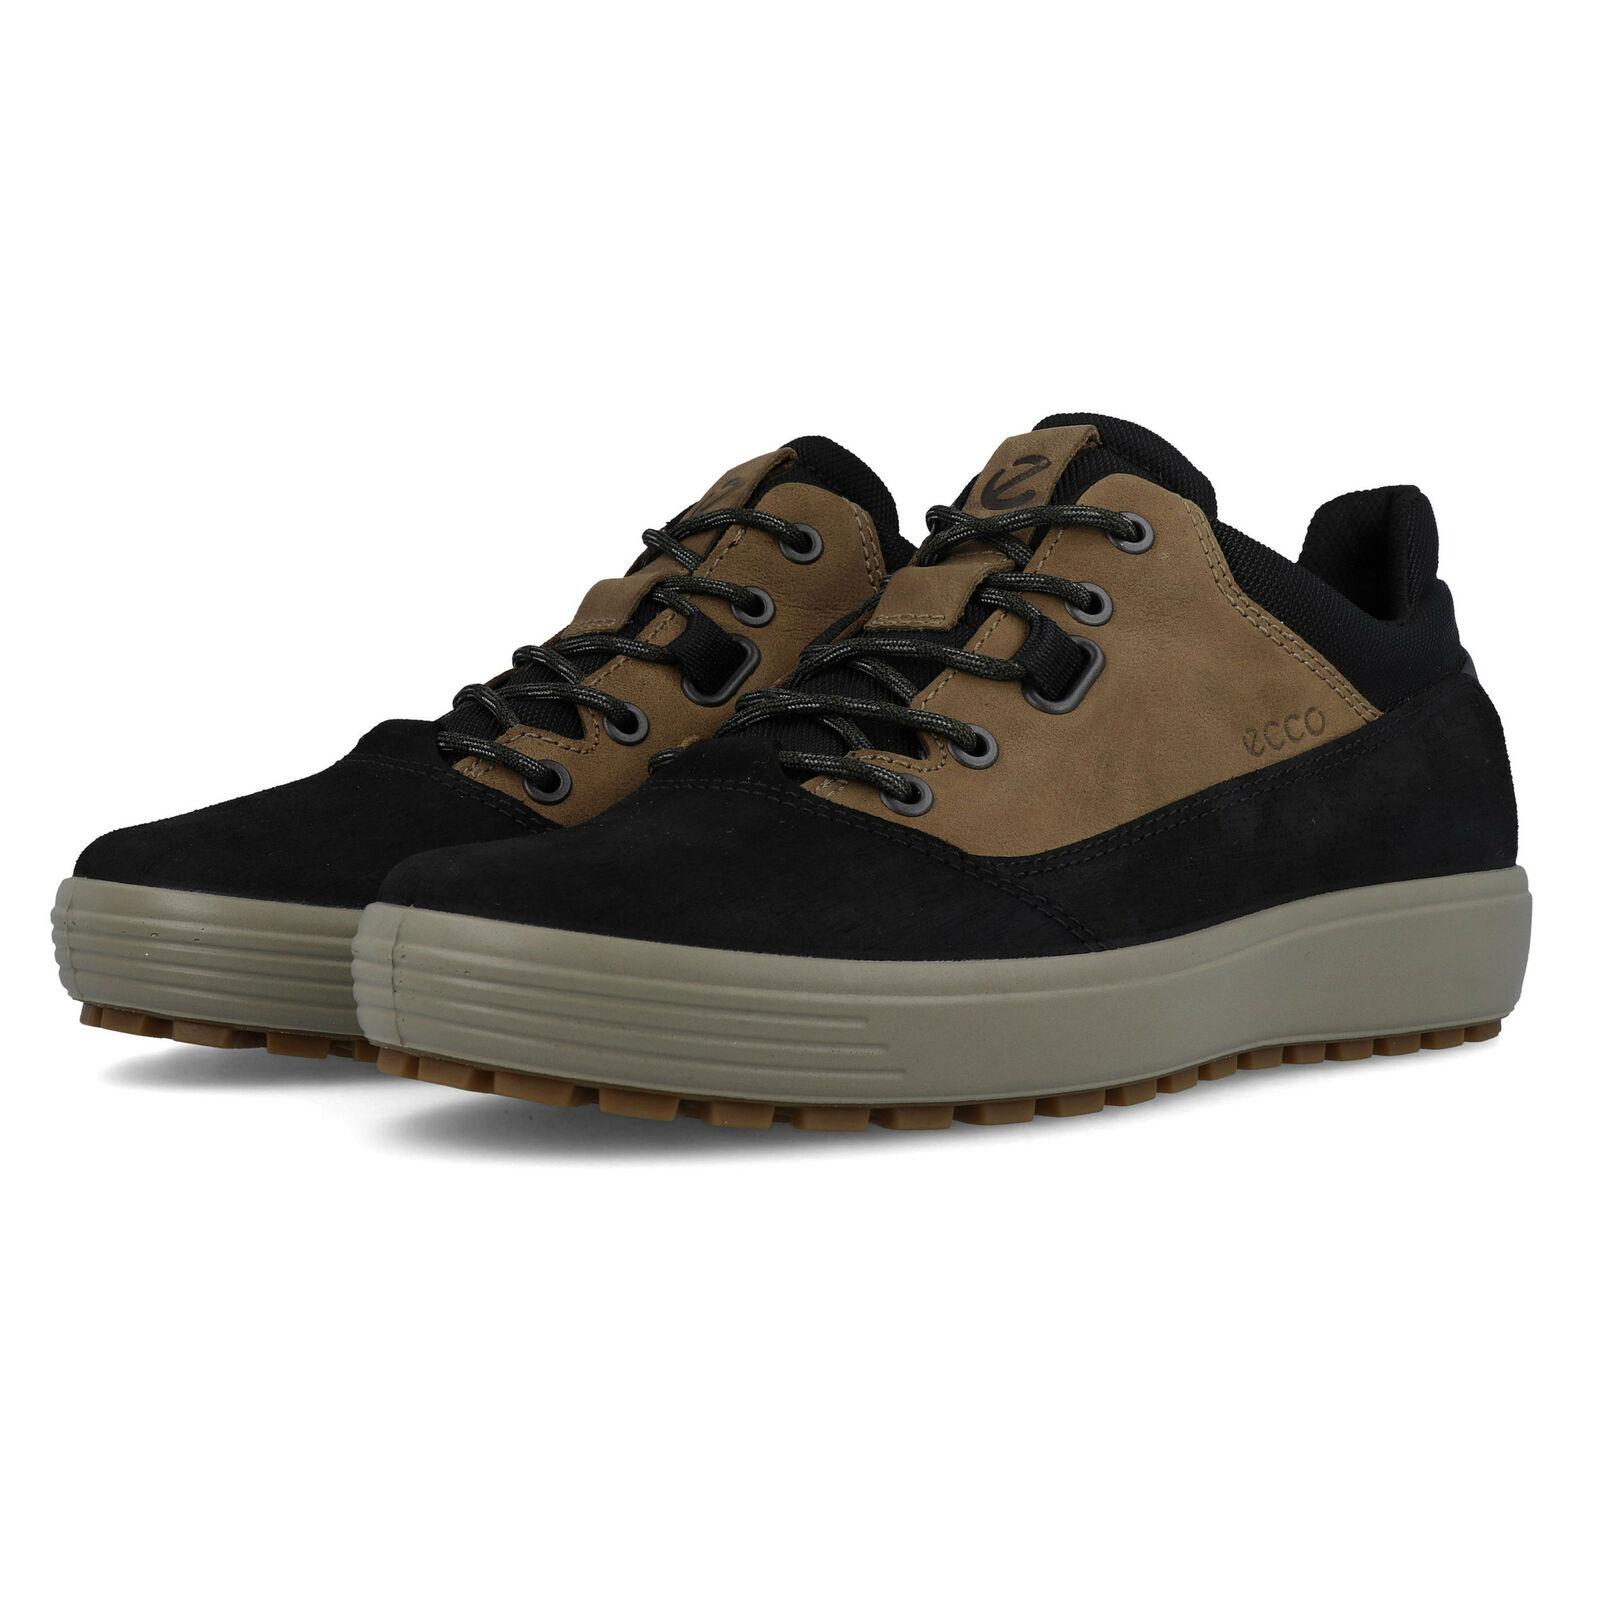 Ecco mannens Soft 7 Tnetwerk wandelen schoen --zwart bruin Sports Buitenshuis Water Resistent